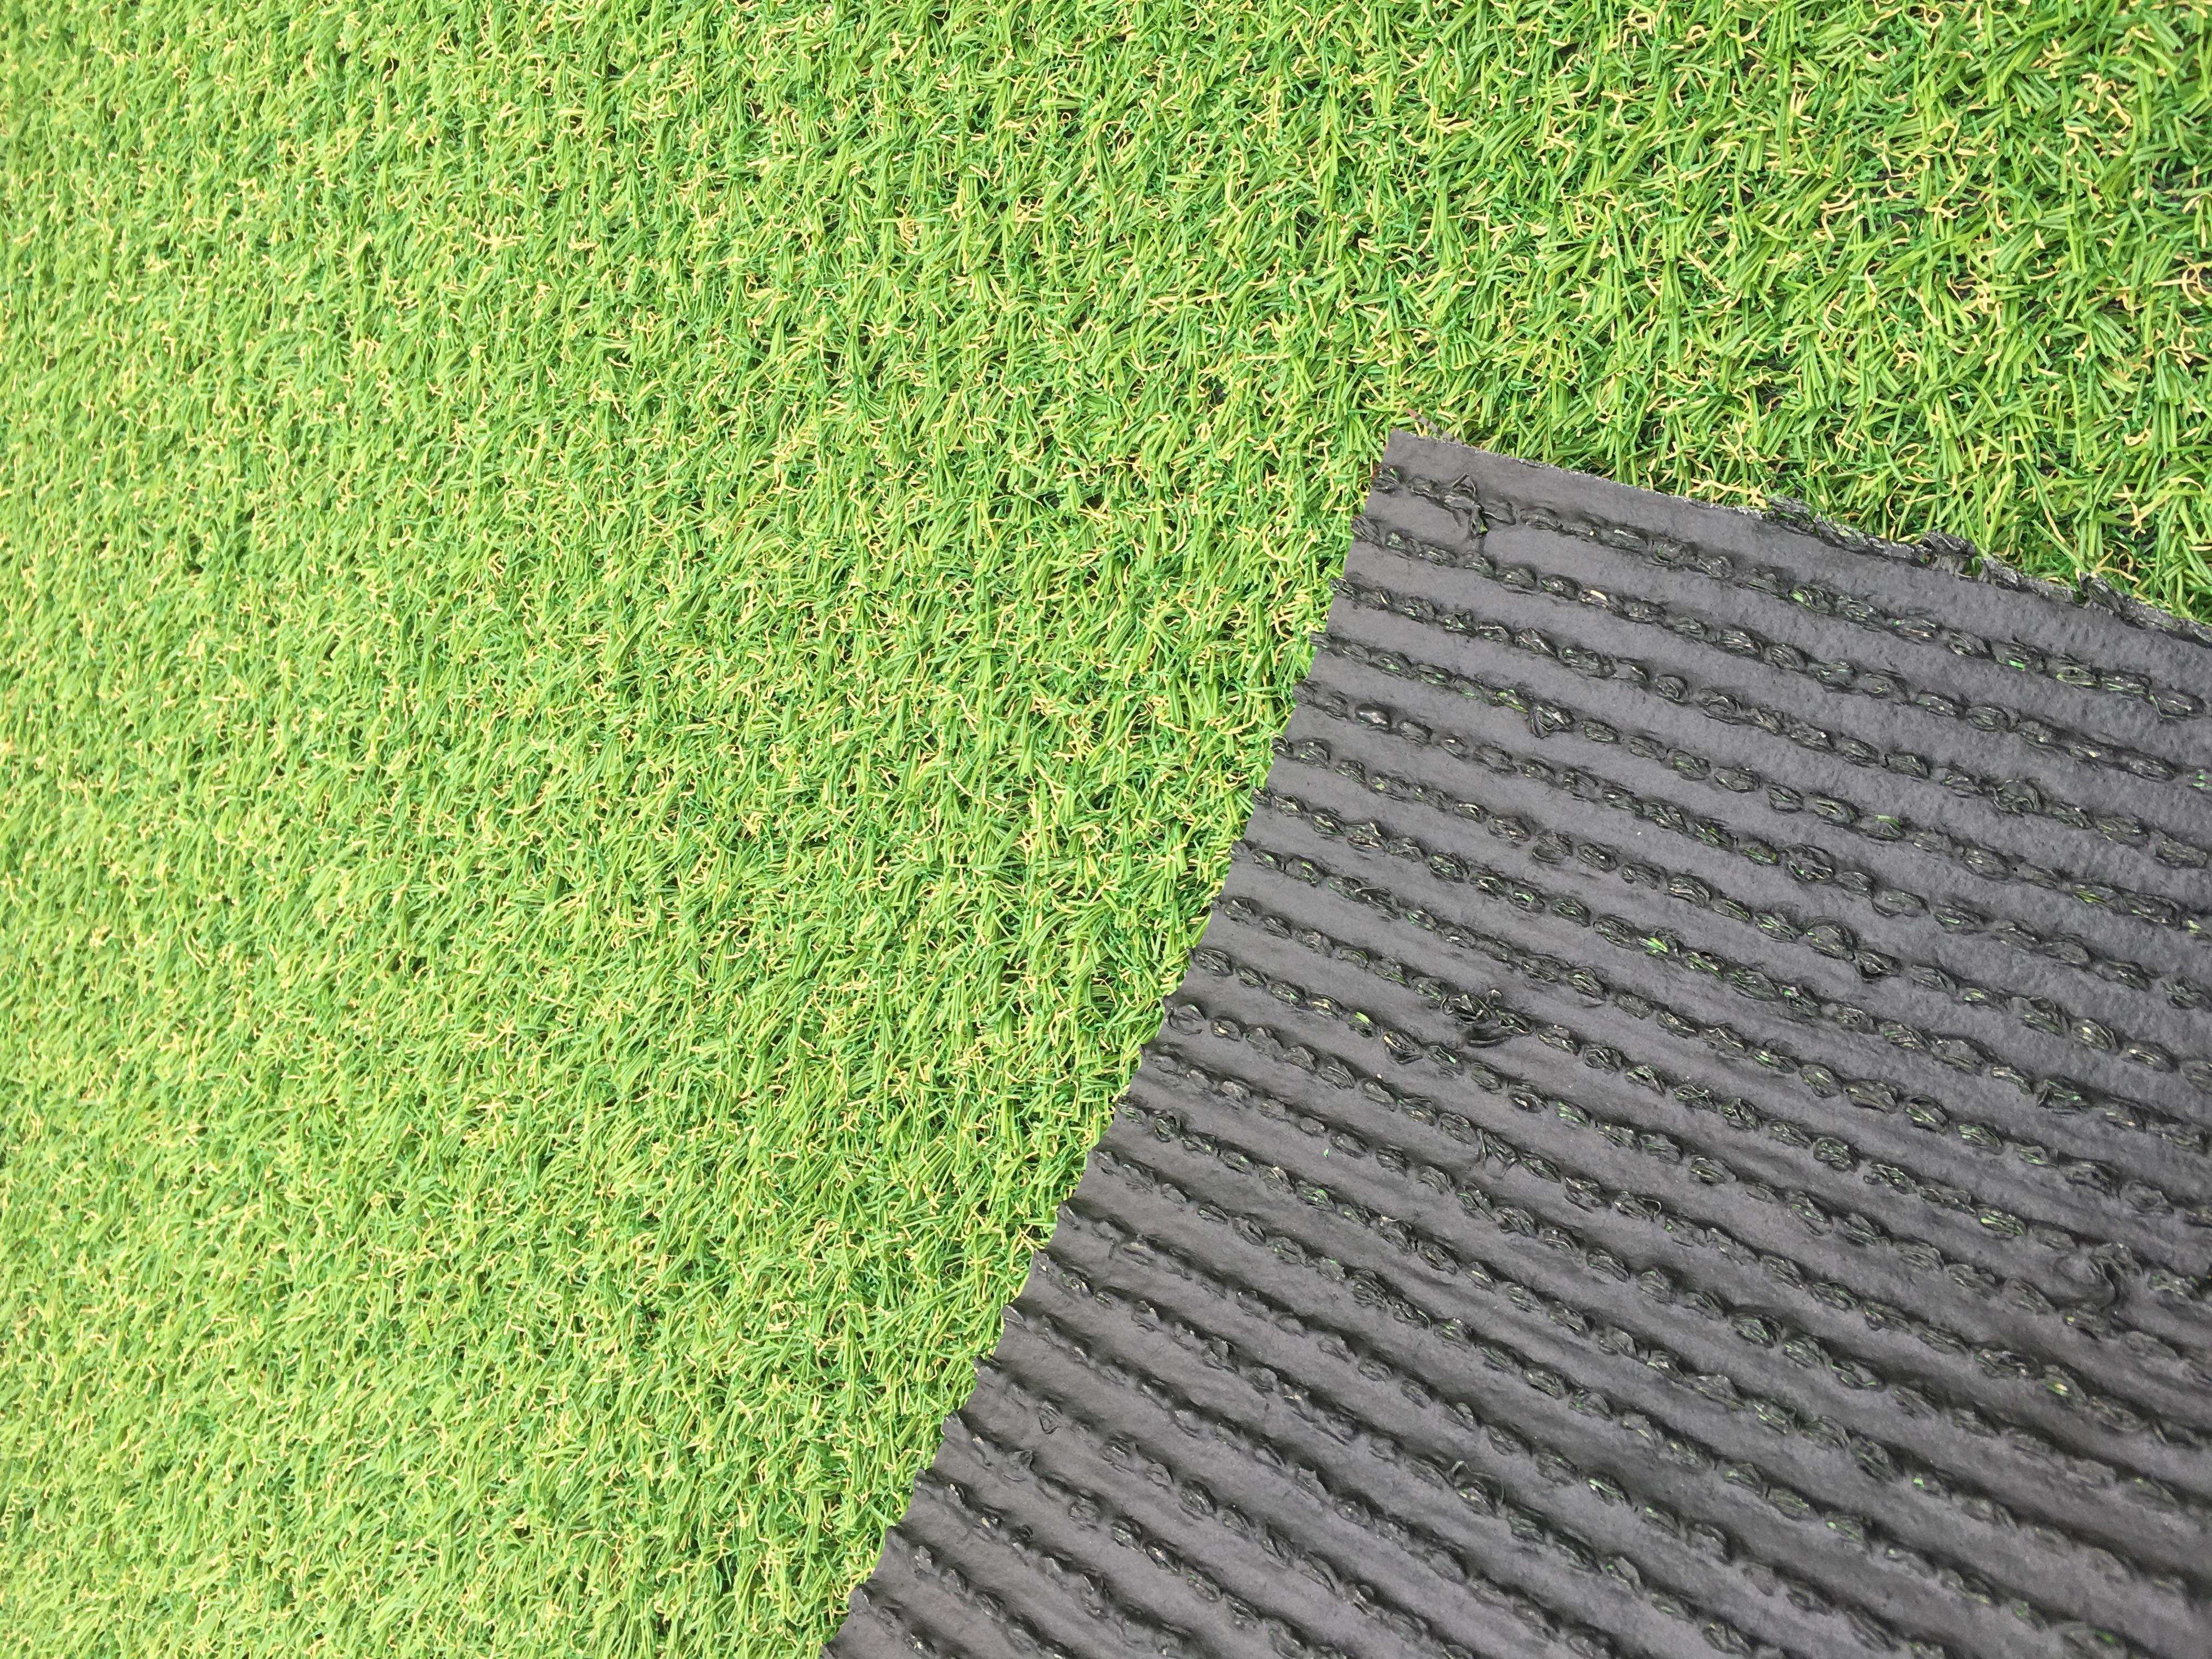 Covor Iarba Artificiala, Tip Gazon, Verde, Natura, 100% Polipropilena, 10 mm, 100x400 cm2